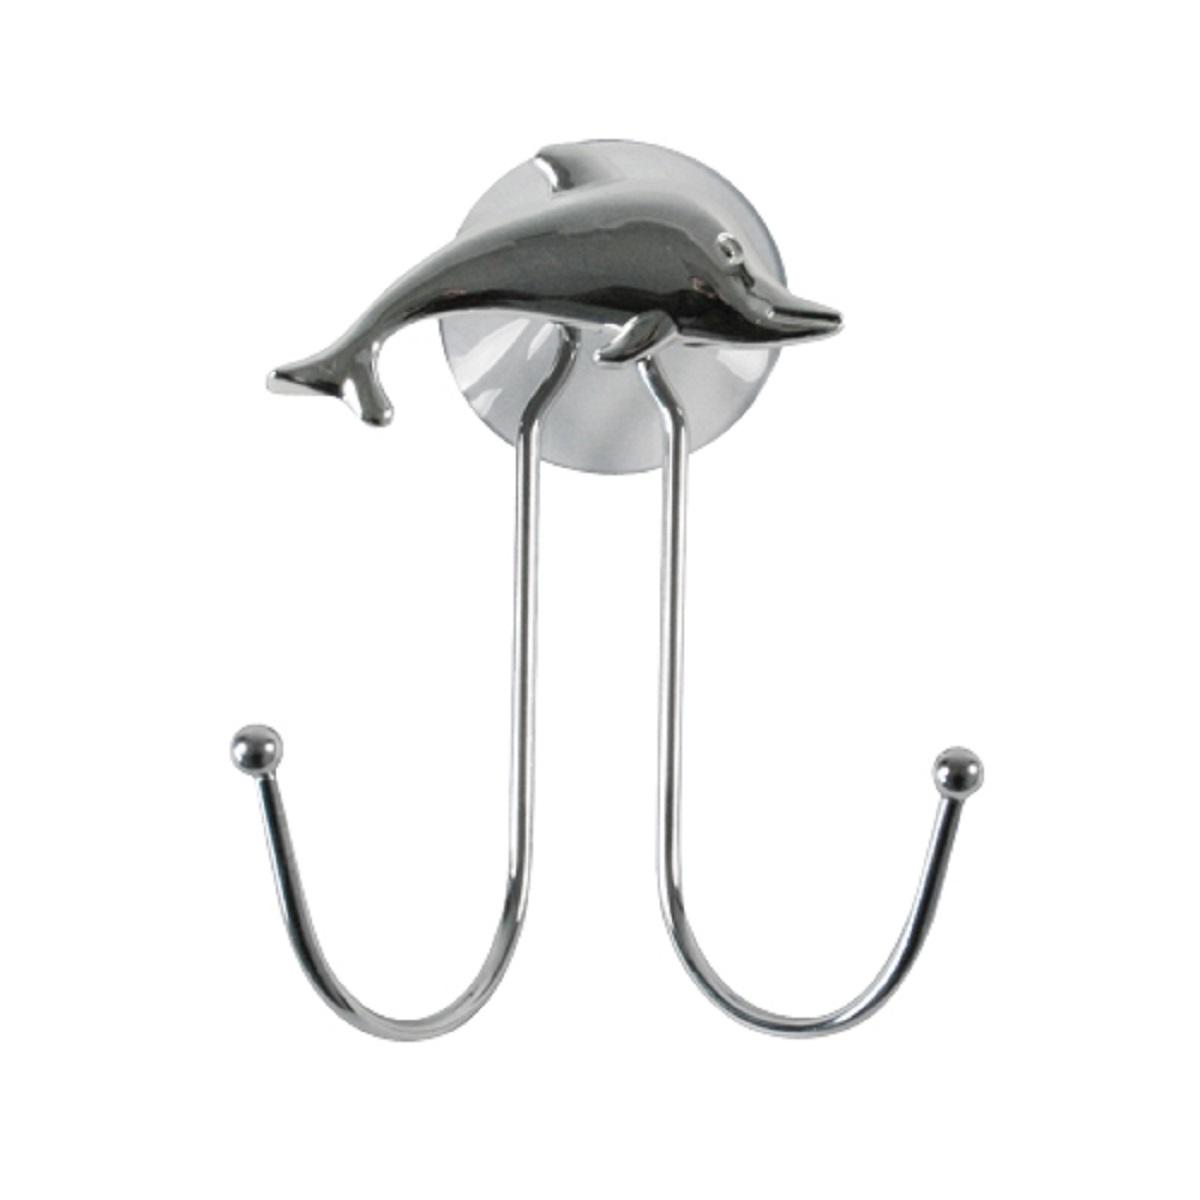 Крючок Top Star Silver Dolphin, двойной, на присоске, цвет: хром68/5/3Крючок двойной настенный на присоске с декором серебристый дельфин. Подходит для полотенец, мочалок, халатов и других ванных принадлежностей. Крепится на присоску, в комплекте. Выдерживает вес до 2-х килограмм на гладкой, воздухонепроницаемой, очищенной и обезжиренной поверхности. Крючок изготовлен из высококачественной хромированной стали, устойчивой к высокой влажности. Отлично сочетается с другими аксессуарами из коллекции Silver Dolphin.